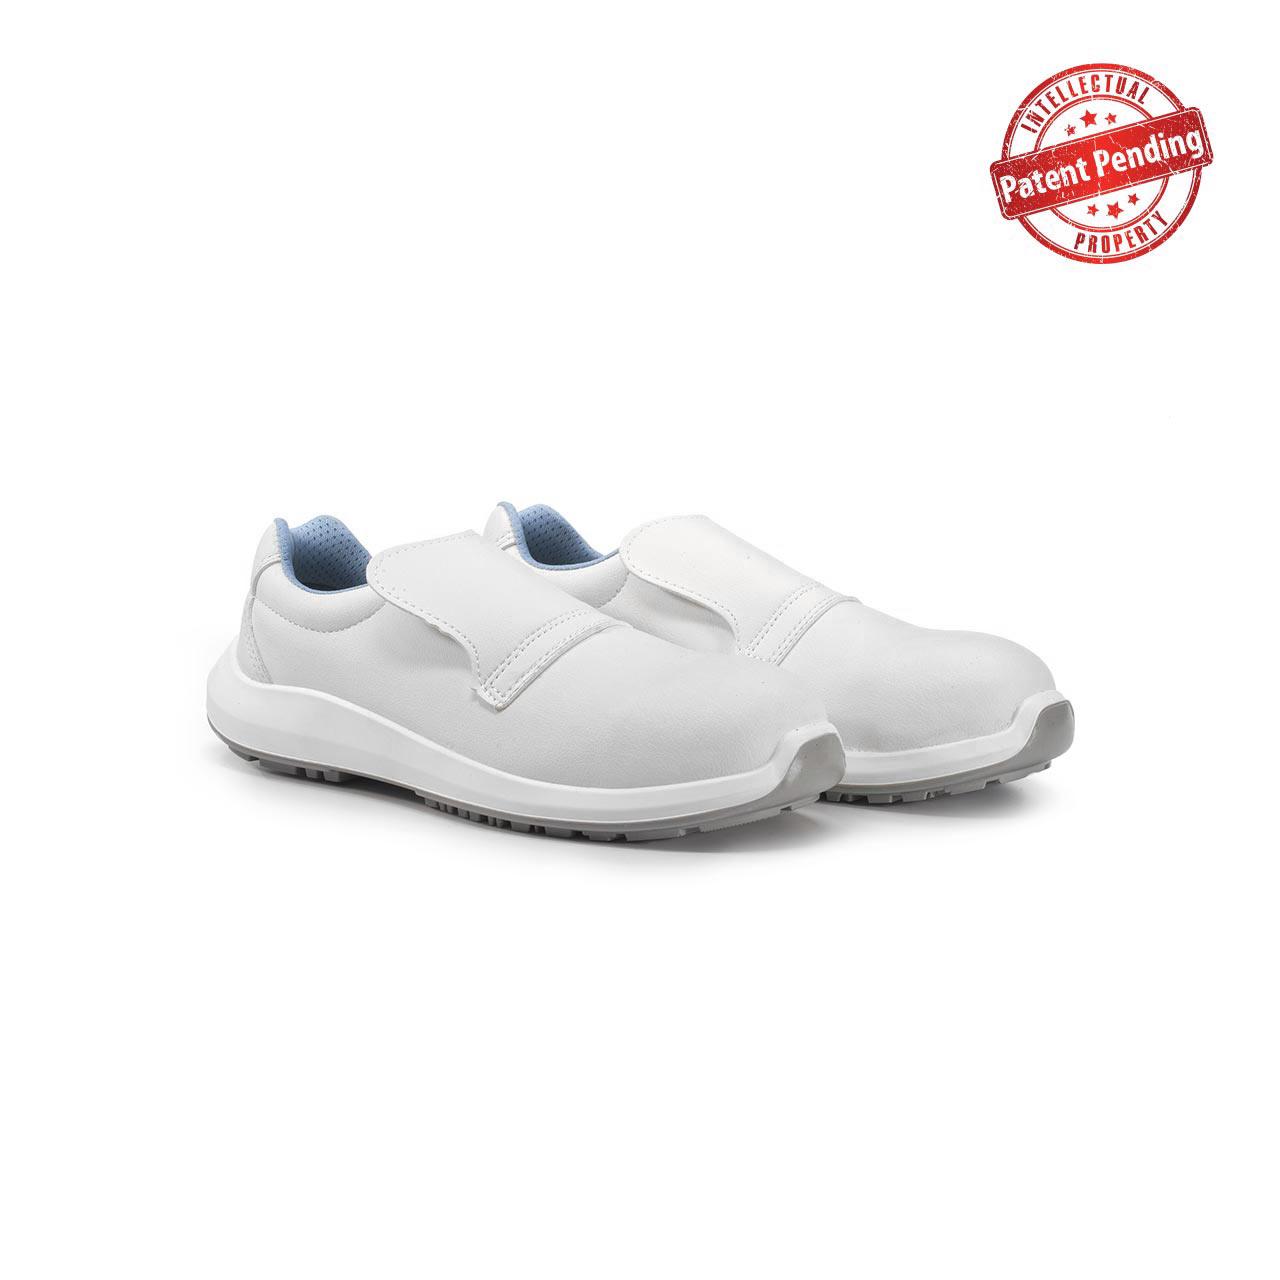 paio di scarpe antinfortunistiche upower modello antares linea redup vista prospettica